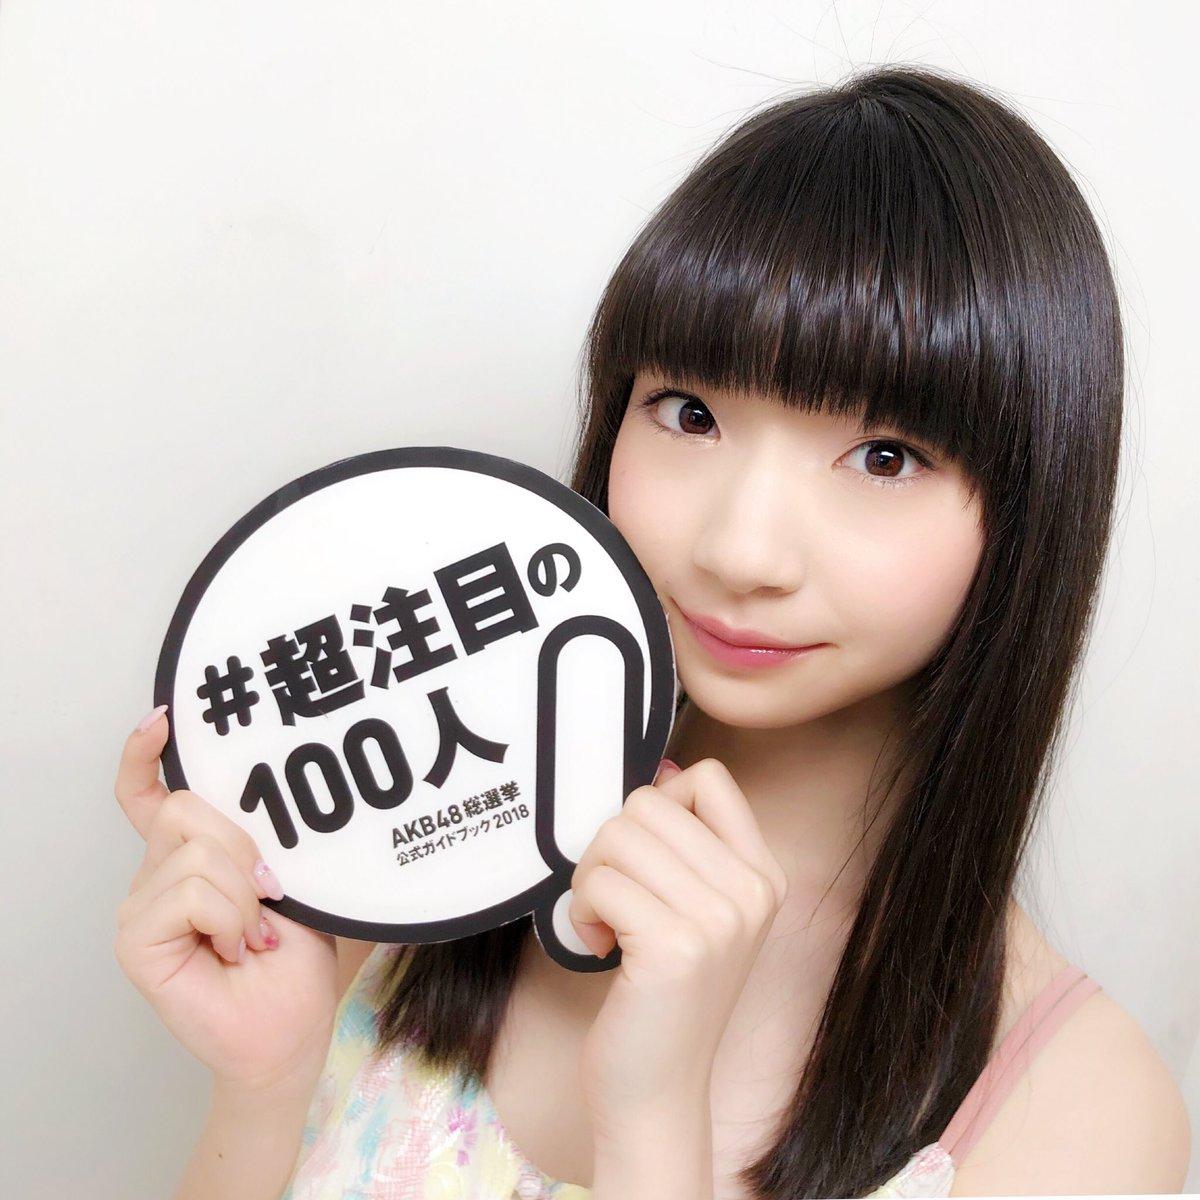 荻野由佳さんの画像その116